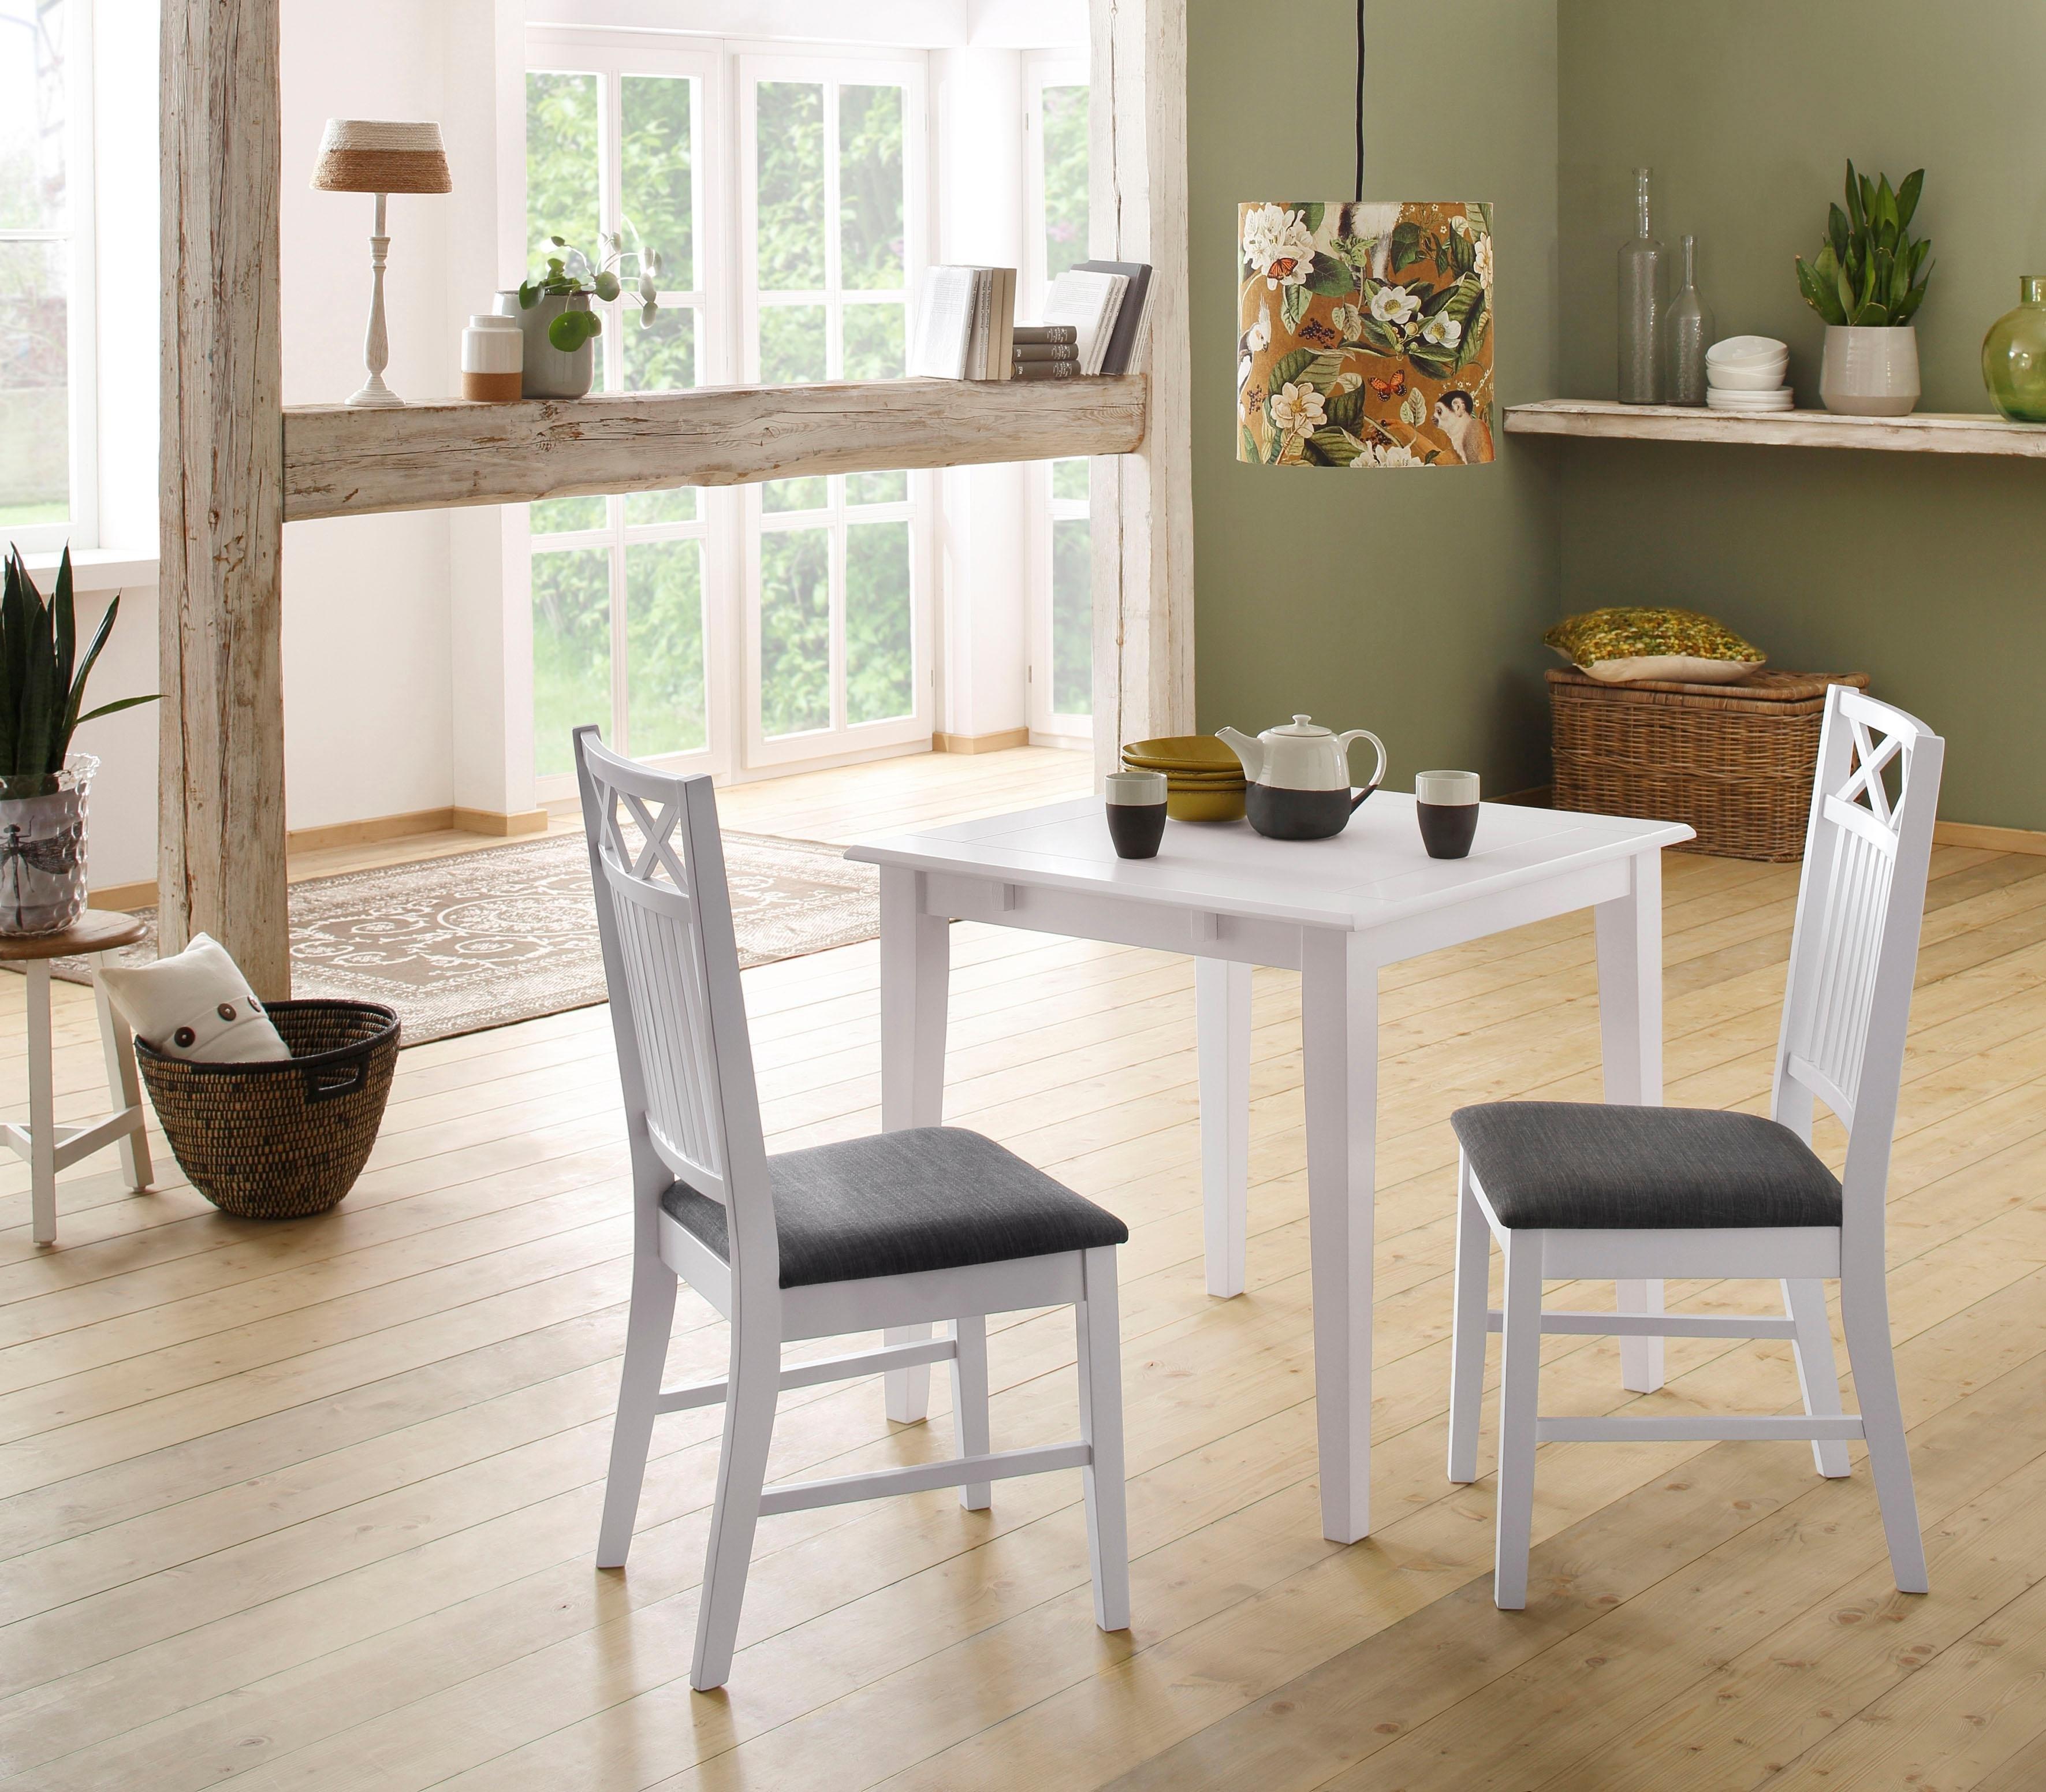 Home affaire eethoek Olvera bestaand uit fullerton eettafel 80 cm, set van 2 sonoma eetkamerstoelen en 1 insteekblad (3-delig) (set, 3-delig) - gratis ruilen op otto.nl